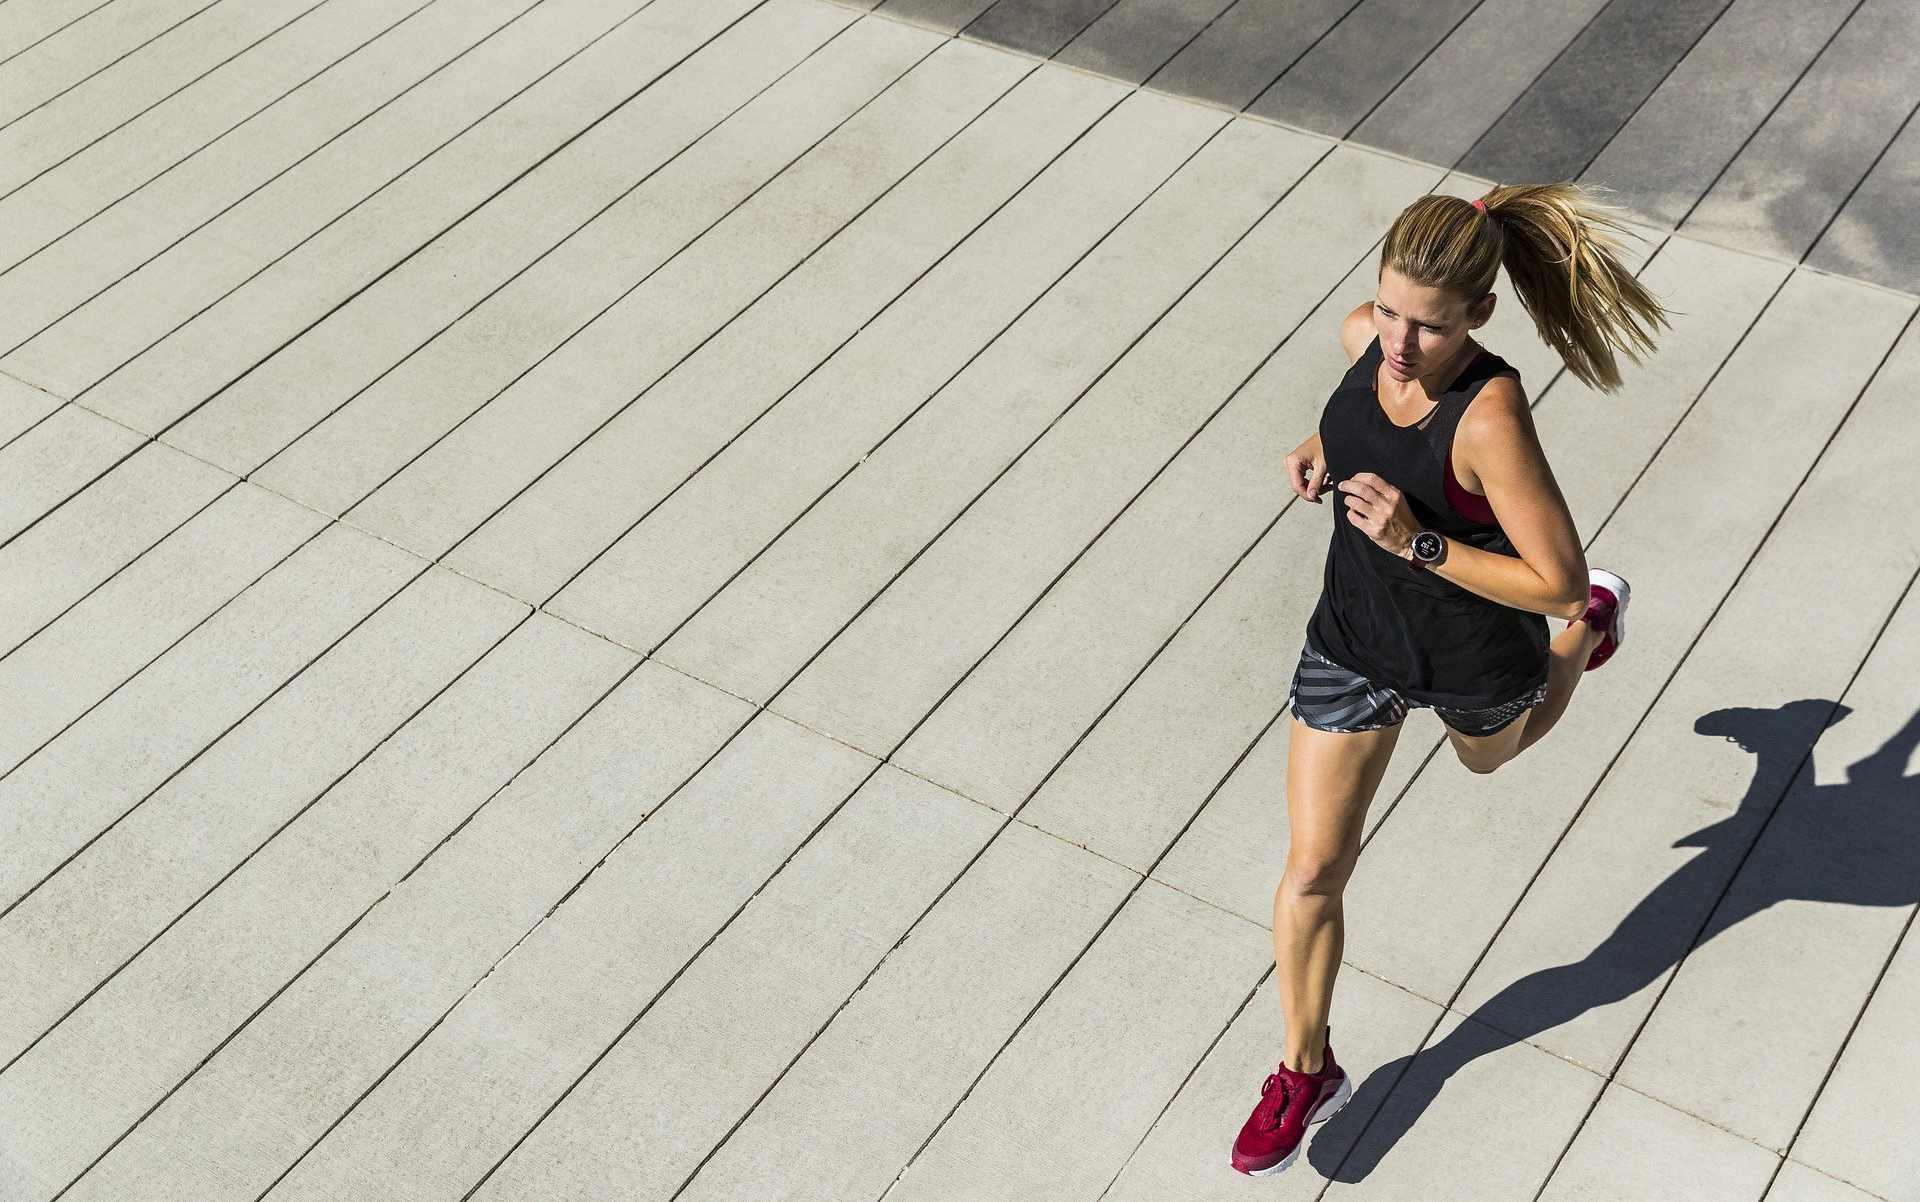 Läuferin auf Asphalt